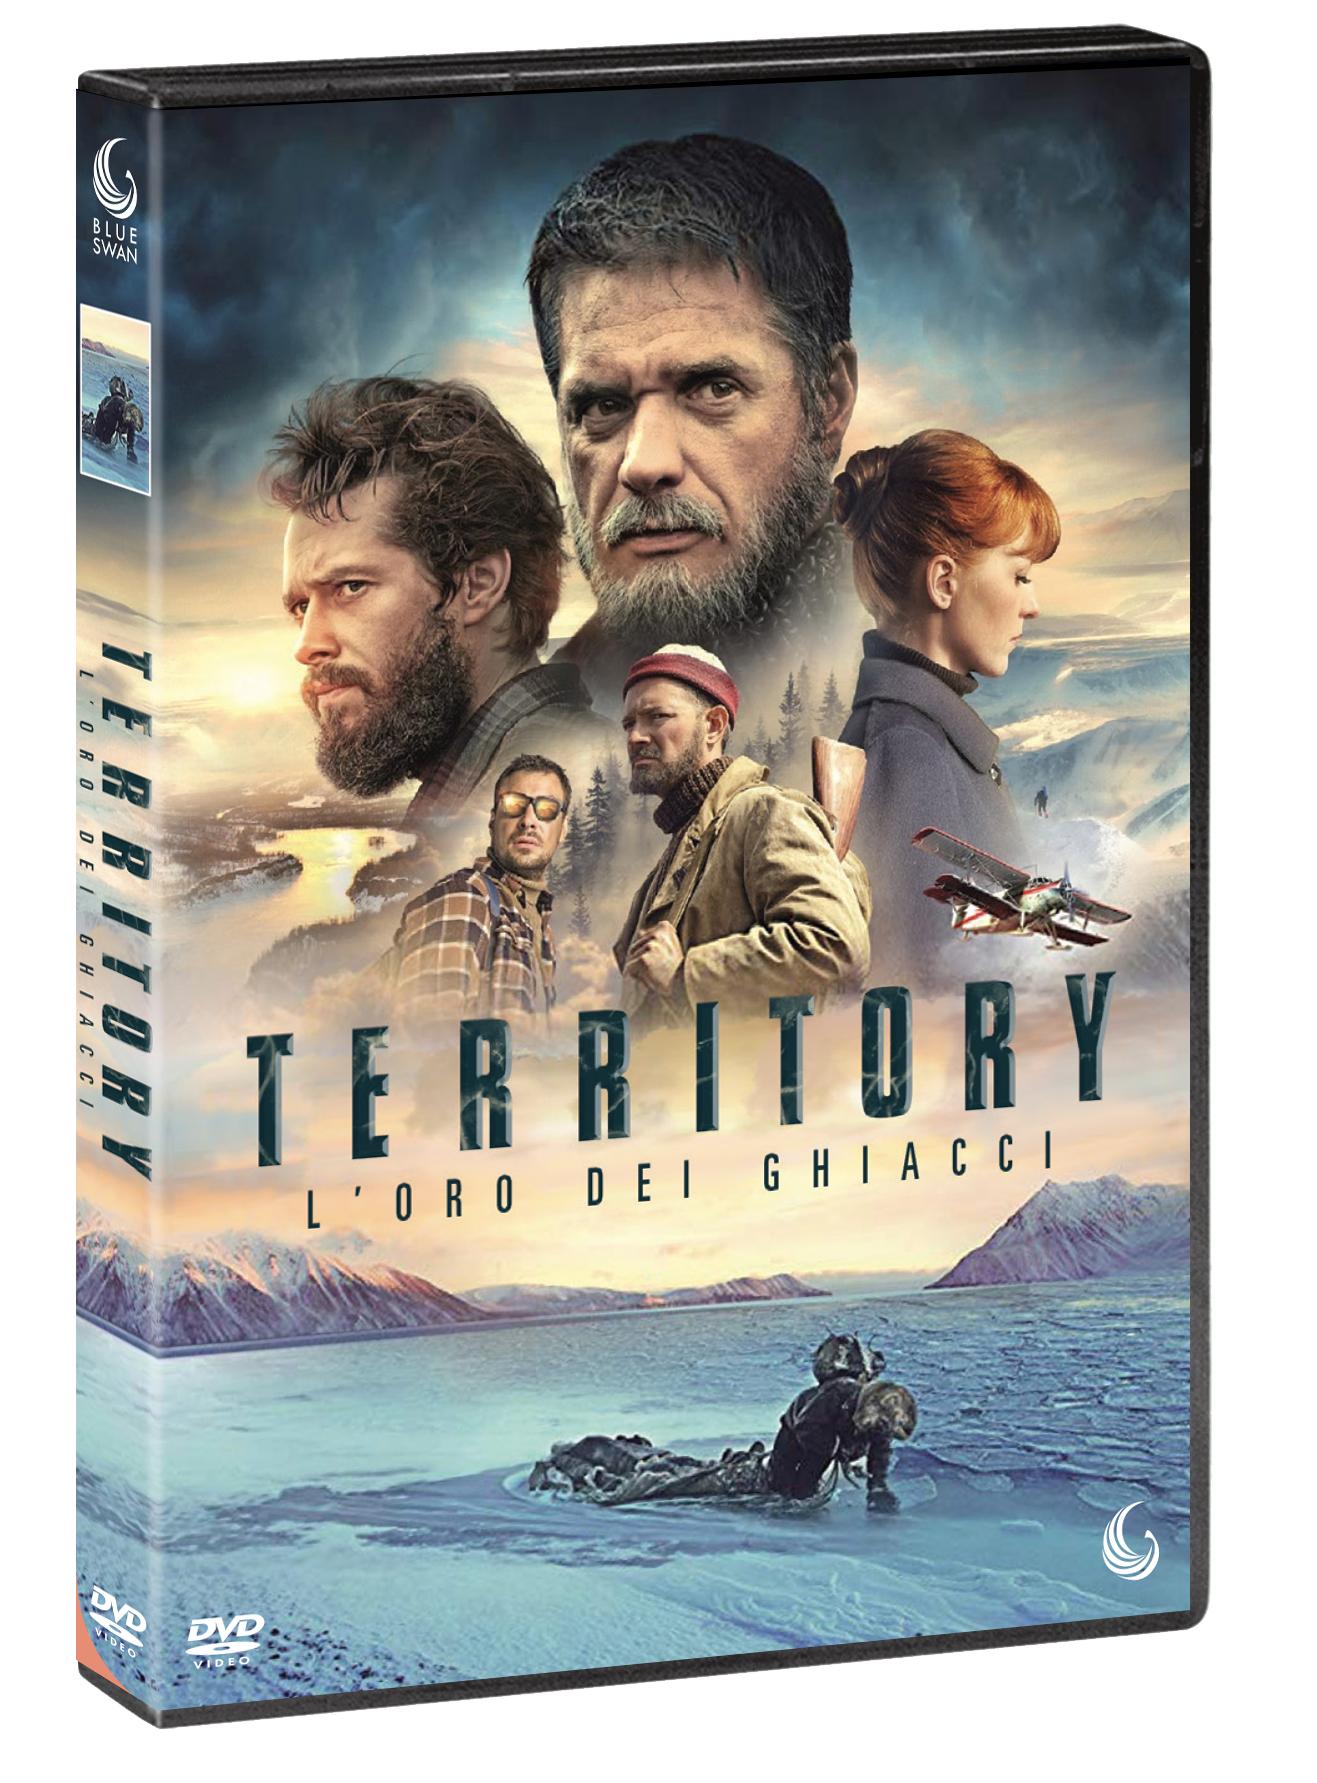 TERRITORY - L'ORO DEI GHIACCI (DVD)